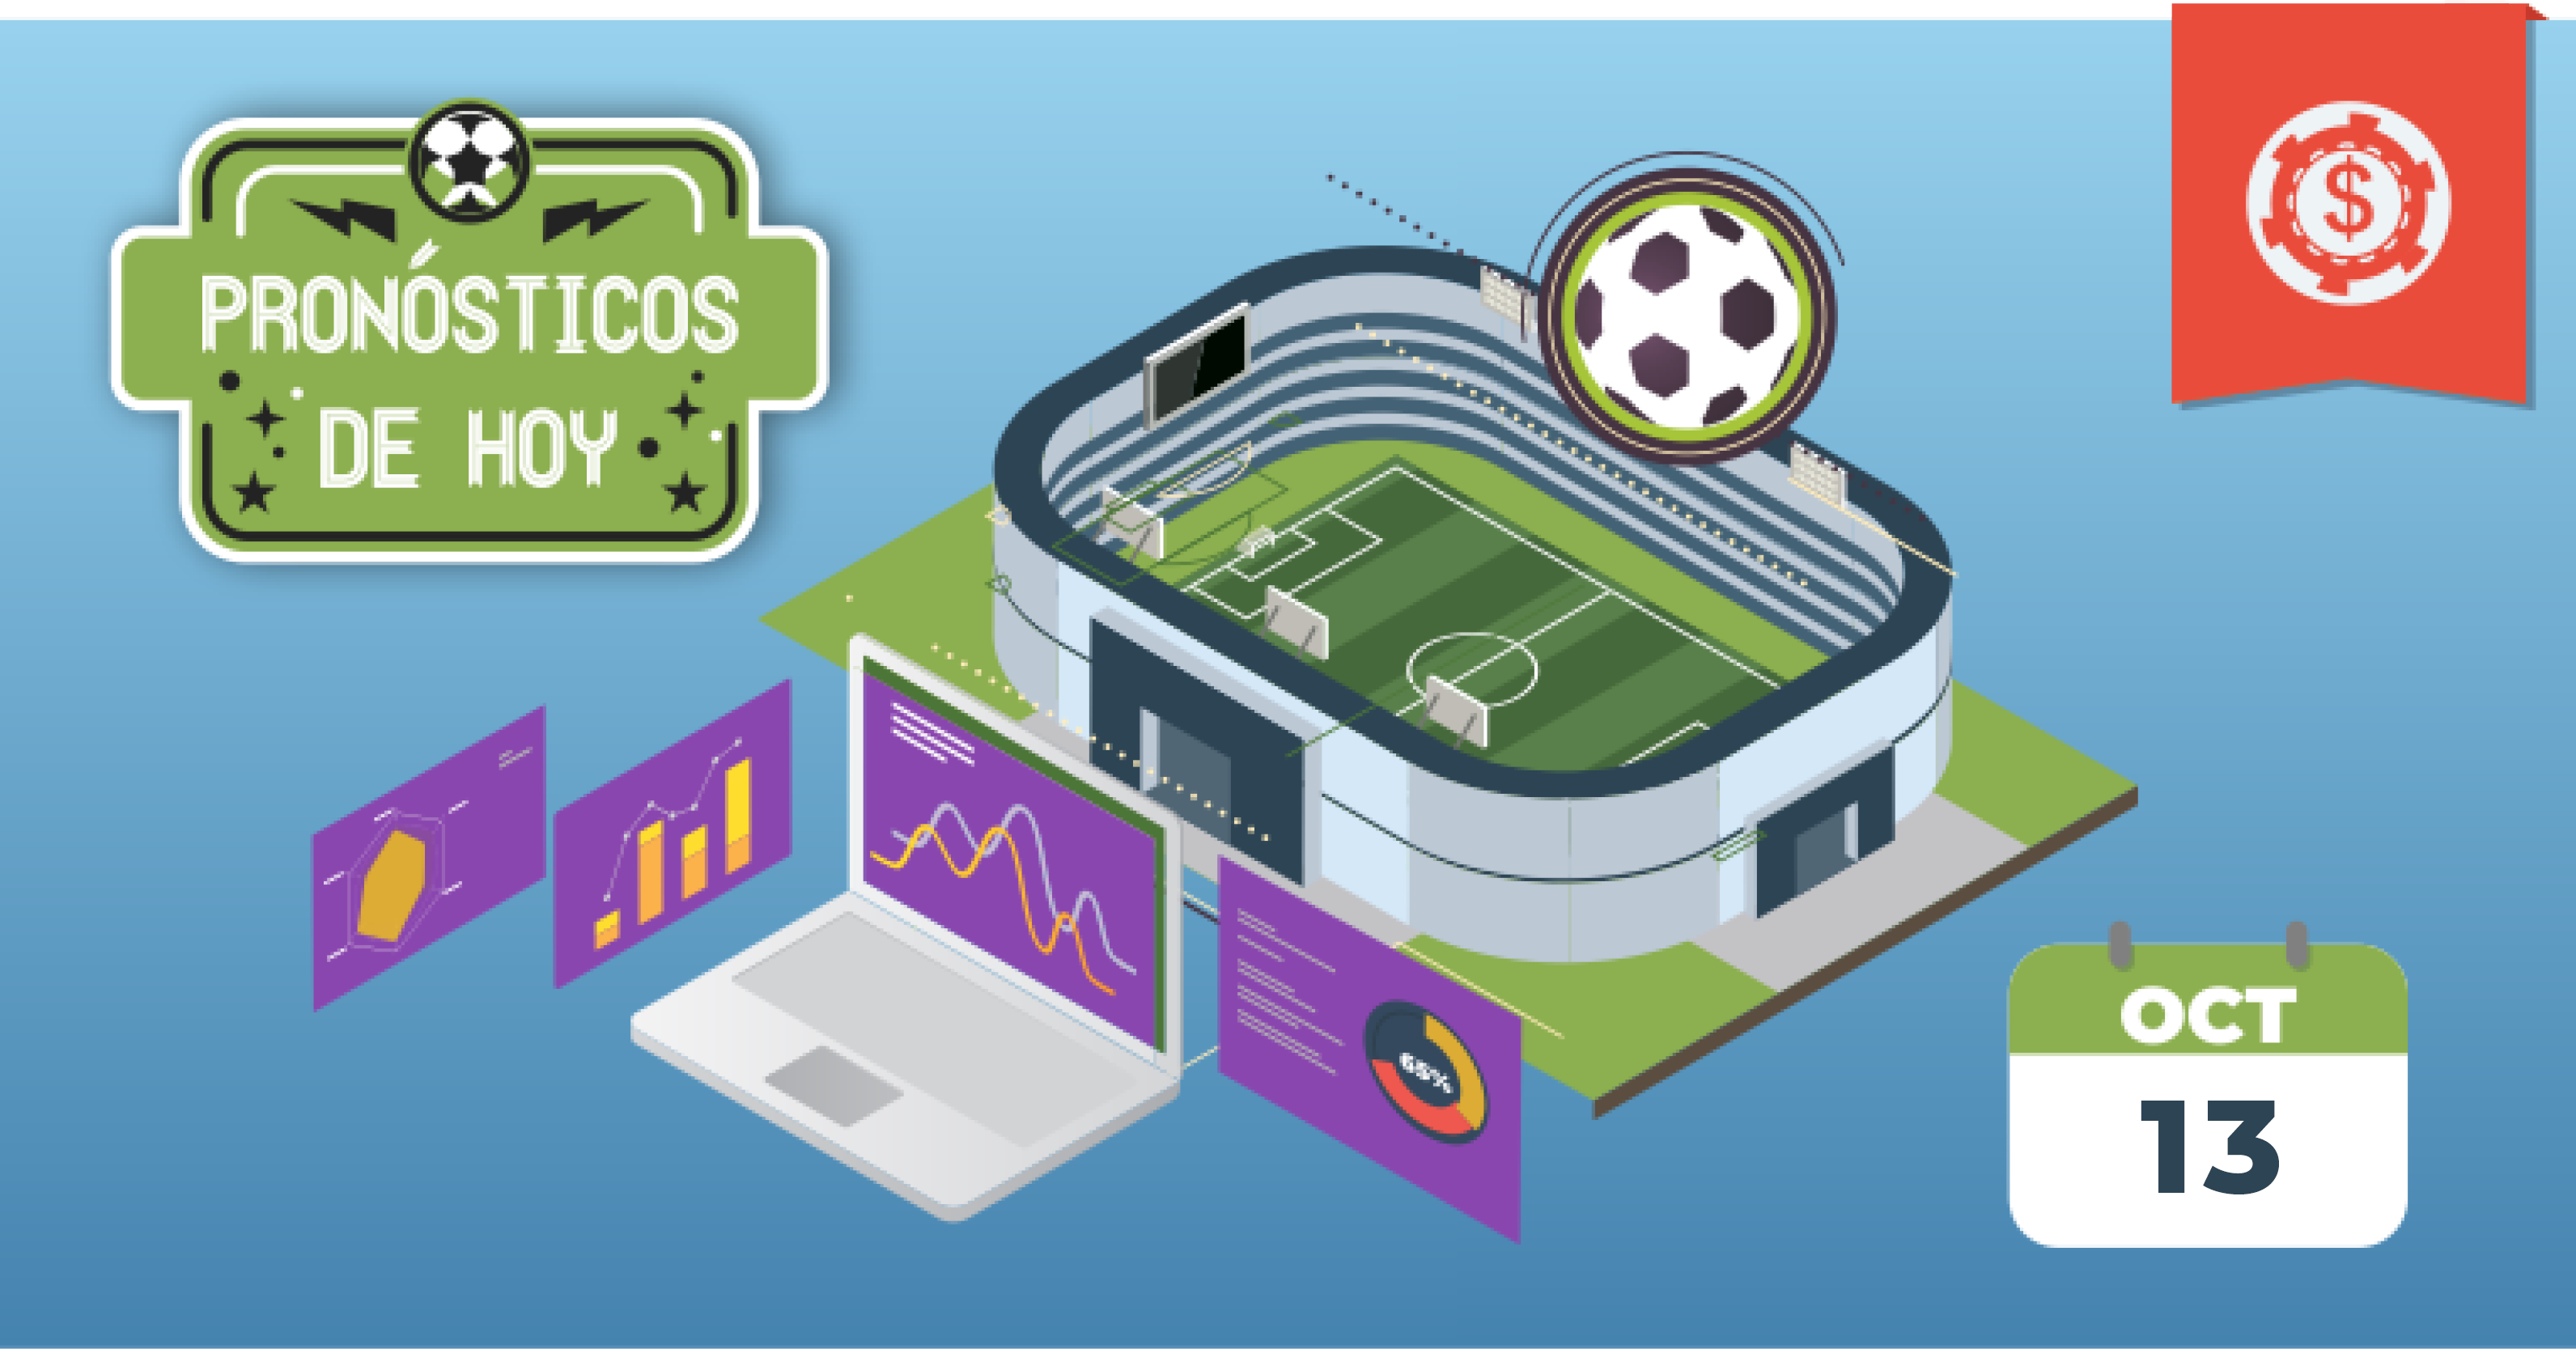 pronosticos-futbol-hoy-predicciones-13-octubre-2019